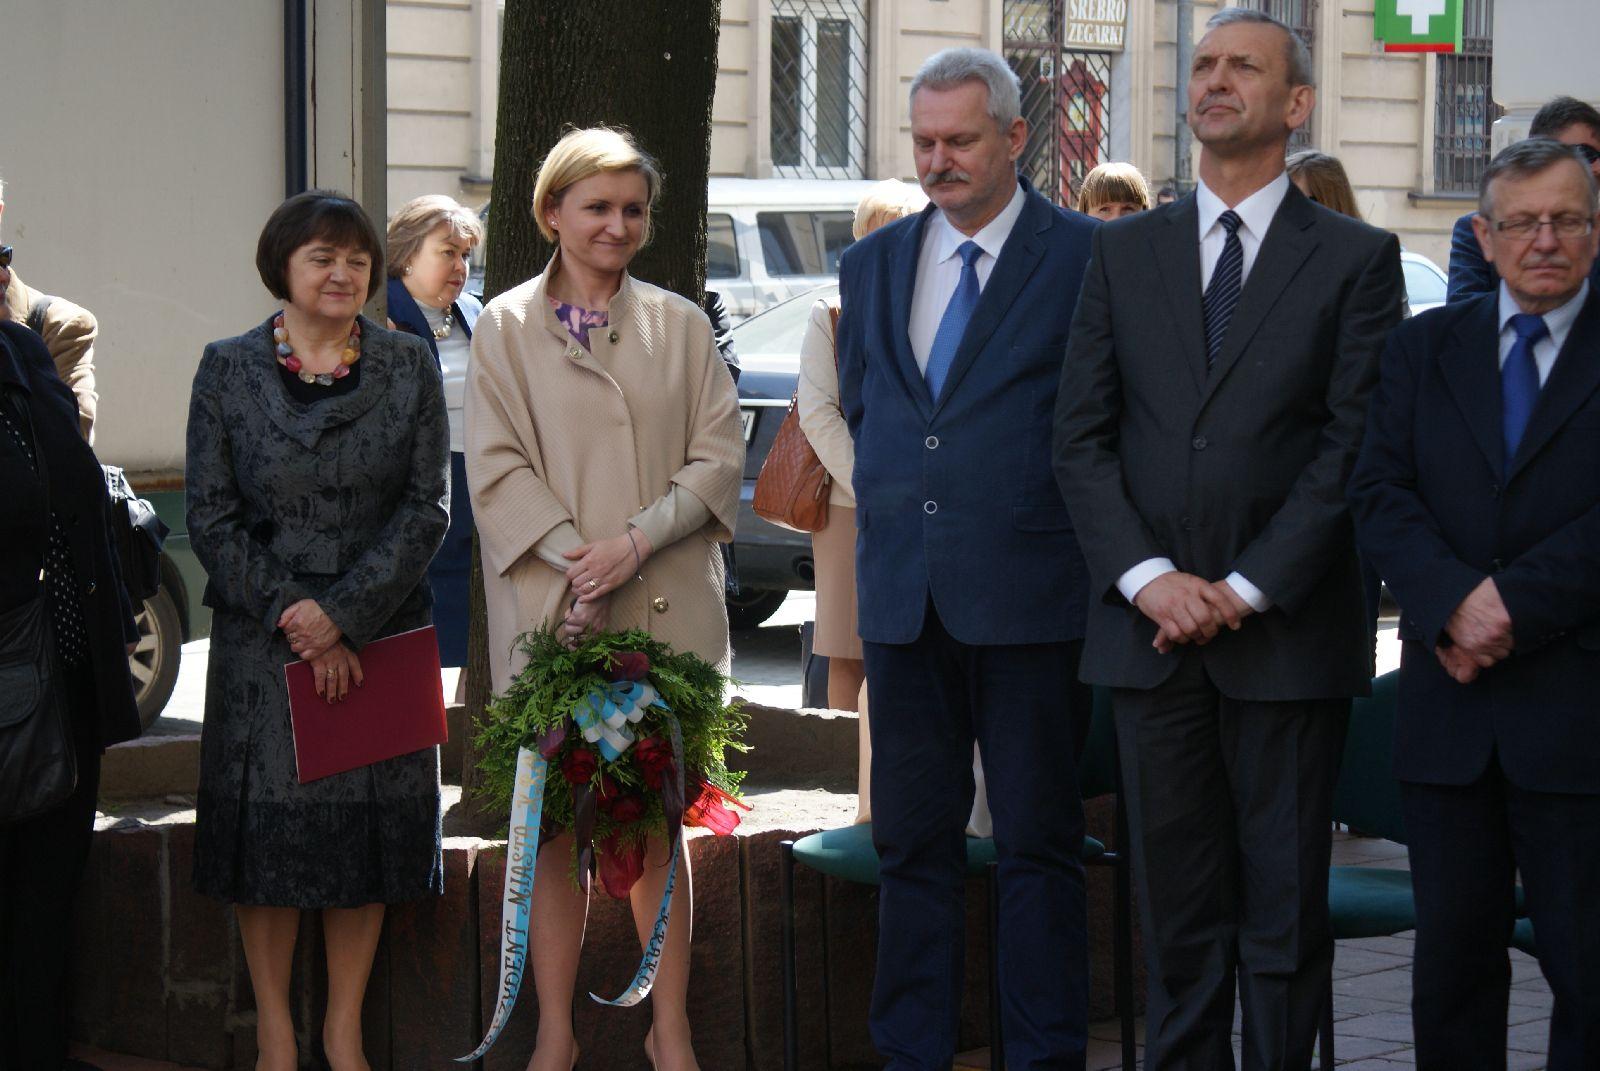 Oglądasz obraz z artykułu: Oddanie hołdu śp. Andrzejowi Ujejskiemu.